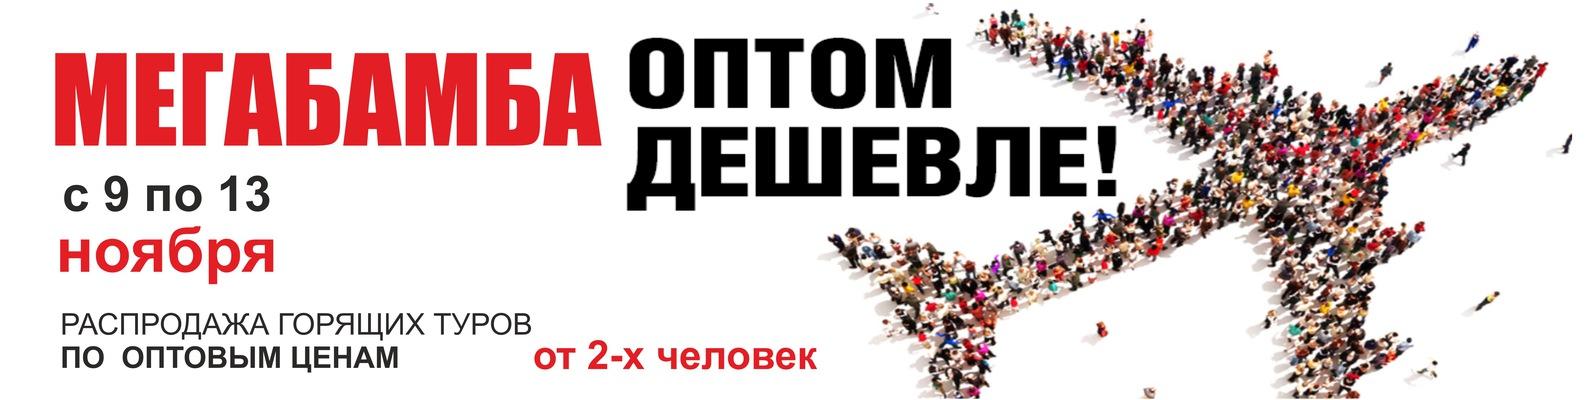 МЕГАБАМБА - оптом дешевле!   ВКонтакте 4f69ba8b9a5